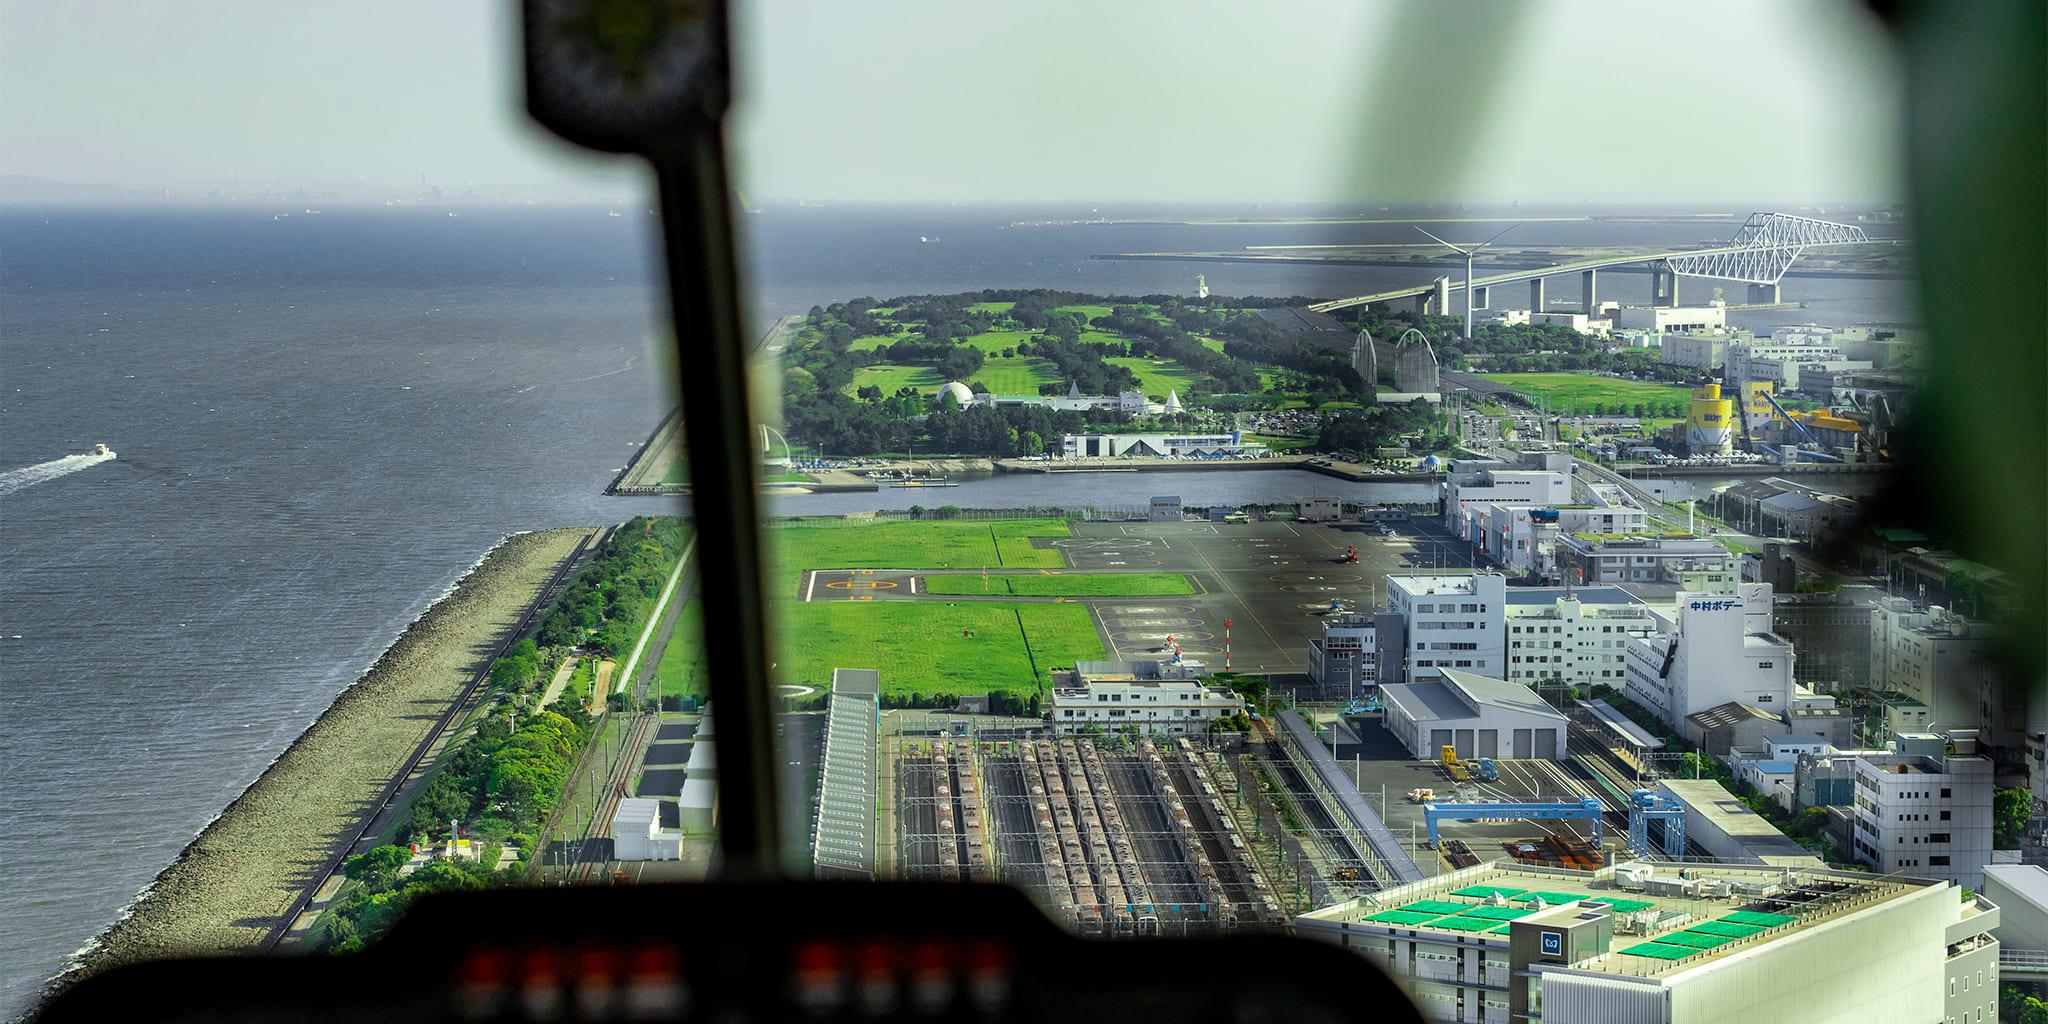 ヘリコプターで東京上空をフライトして見える東京ヘリポート